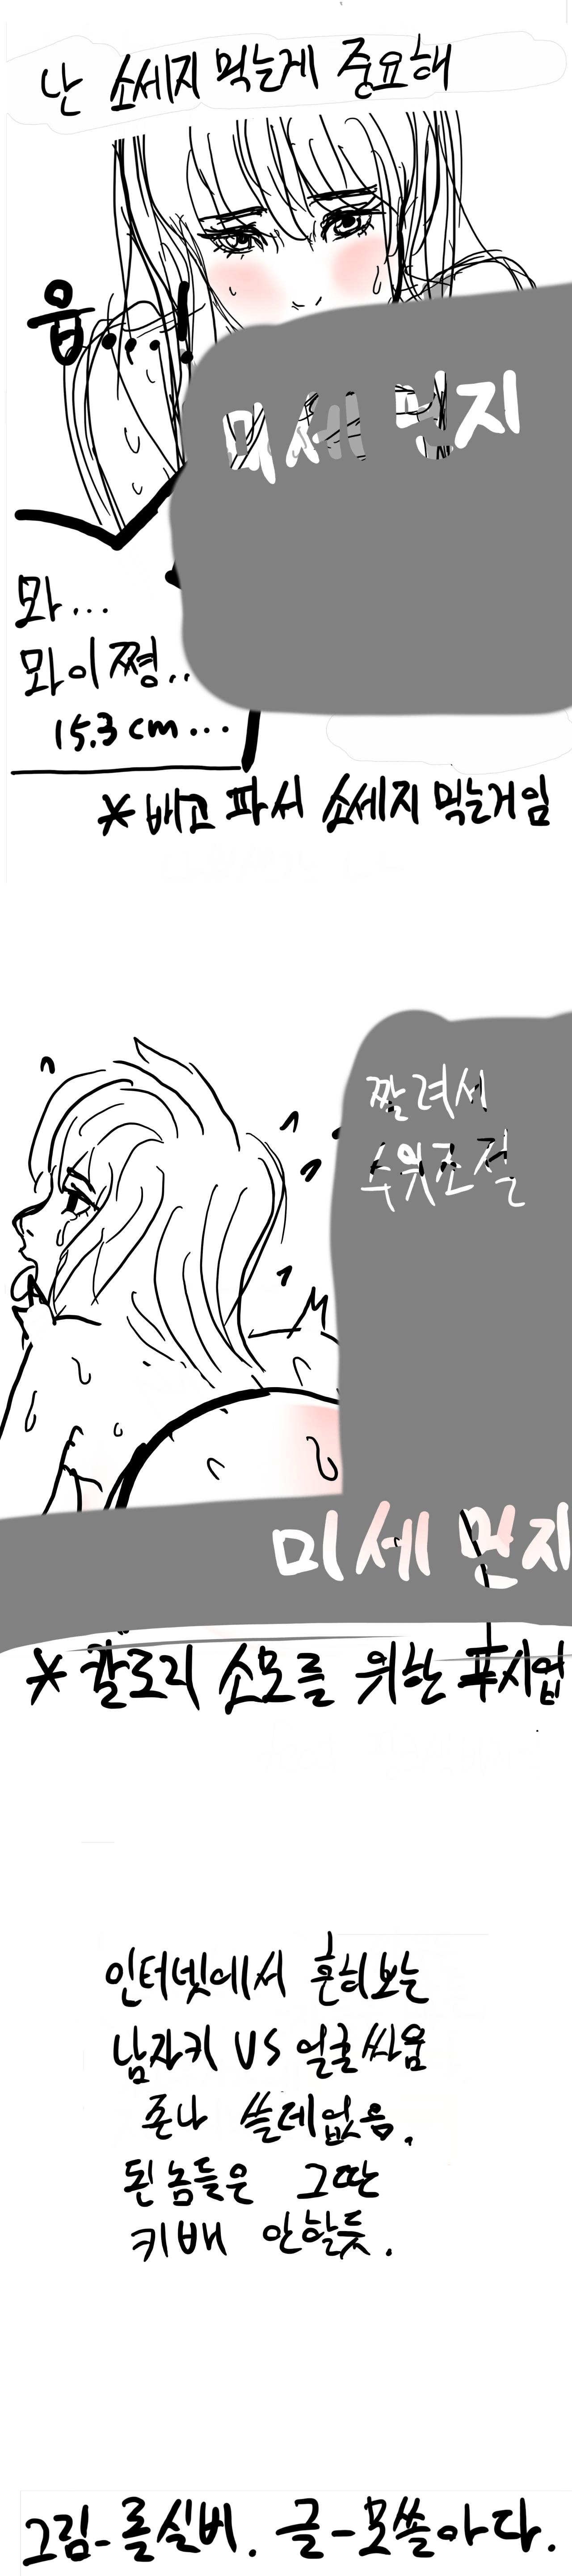 373BAF71-A732-41B7-BE5C-484A6EDC2E4E.png ㅎㅂ) 키 vs 얼굴로 싸우는 만화.manhwa